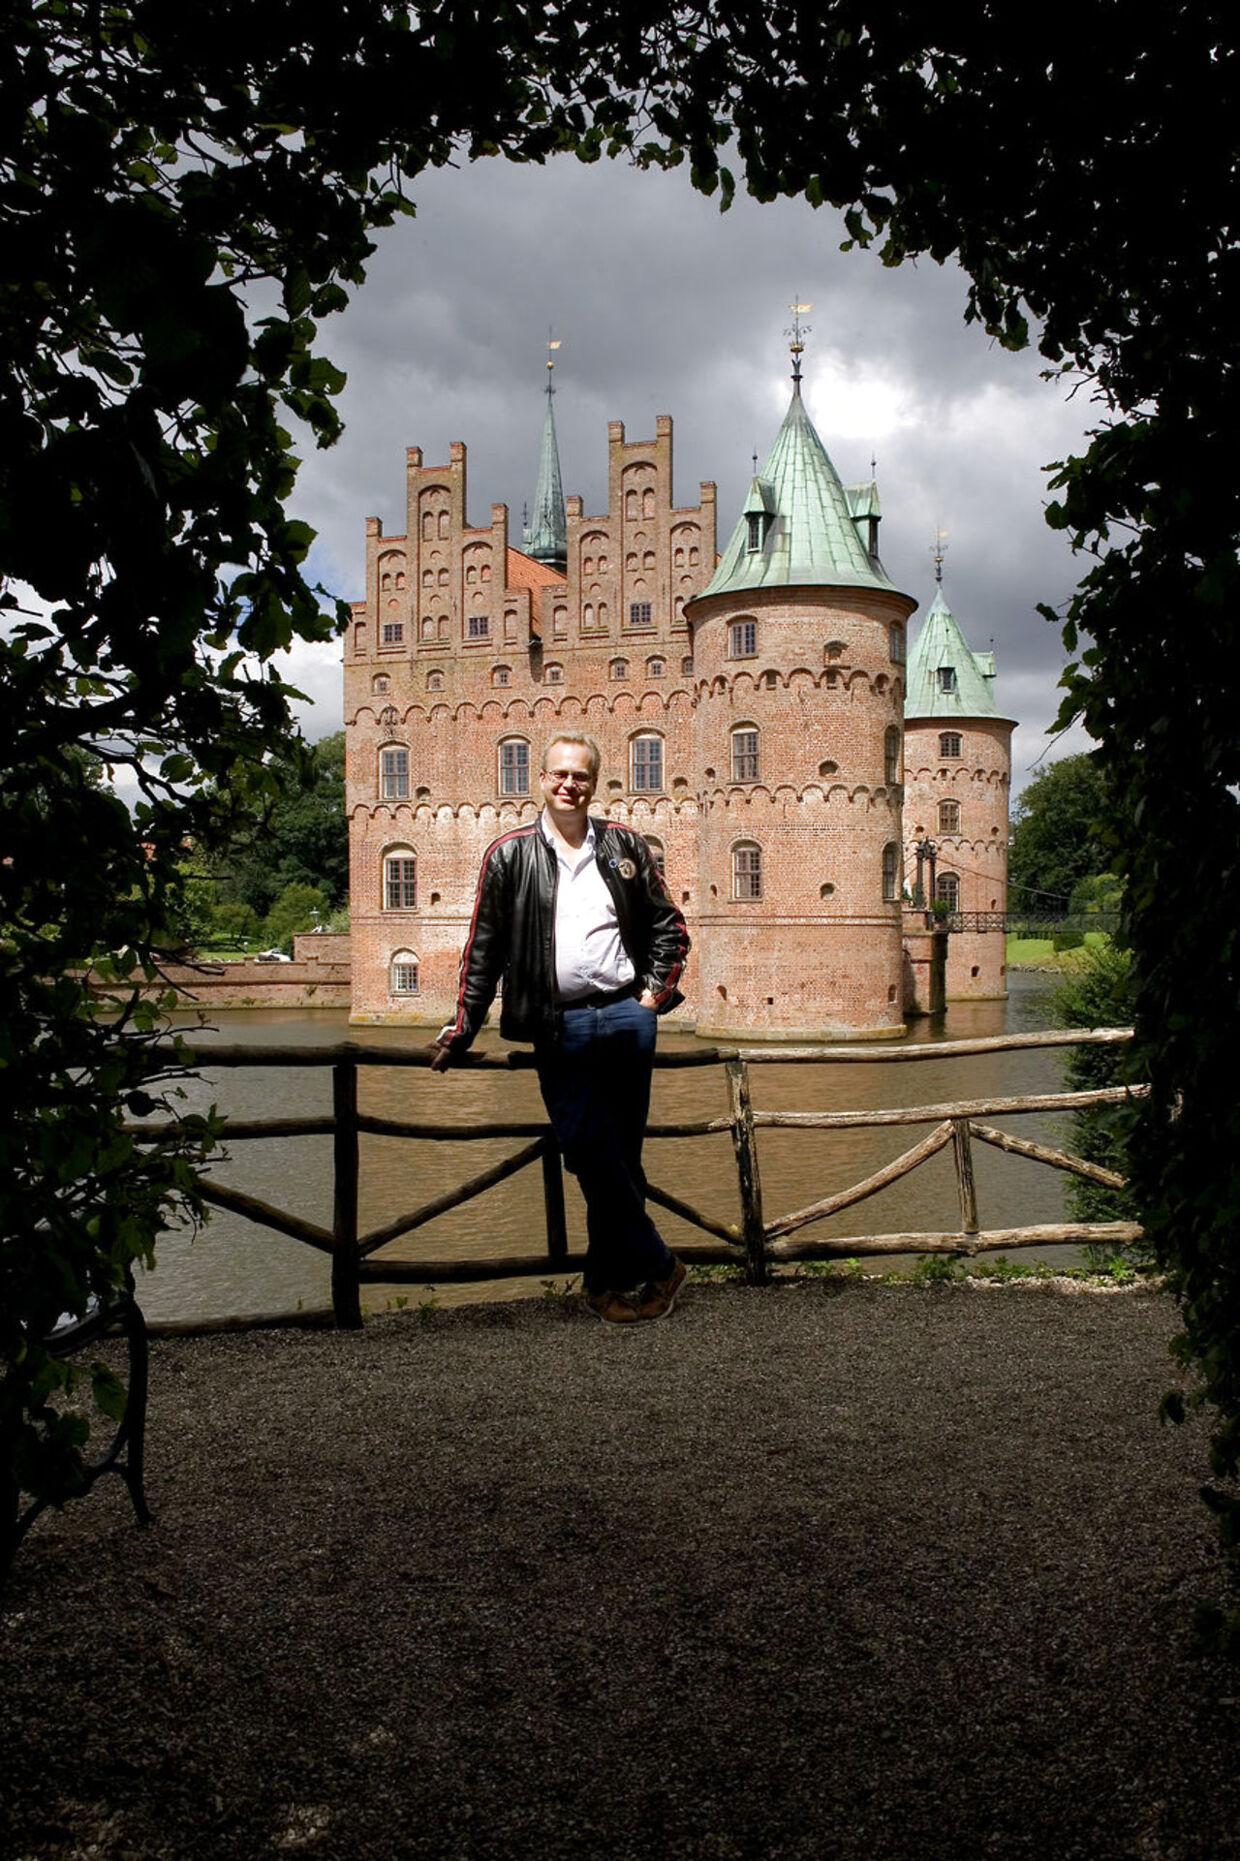 Grev Michael Ahlefeldt-Laurvig-Bille beholder efter skilsmissen Egeskov Slot, som hans familie har ejet gennem ni generationer.